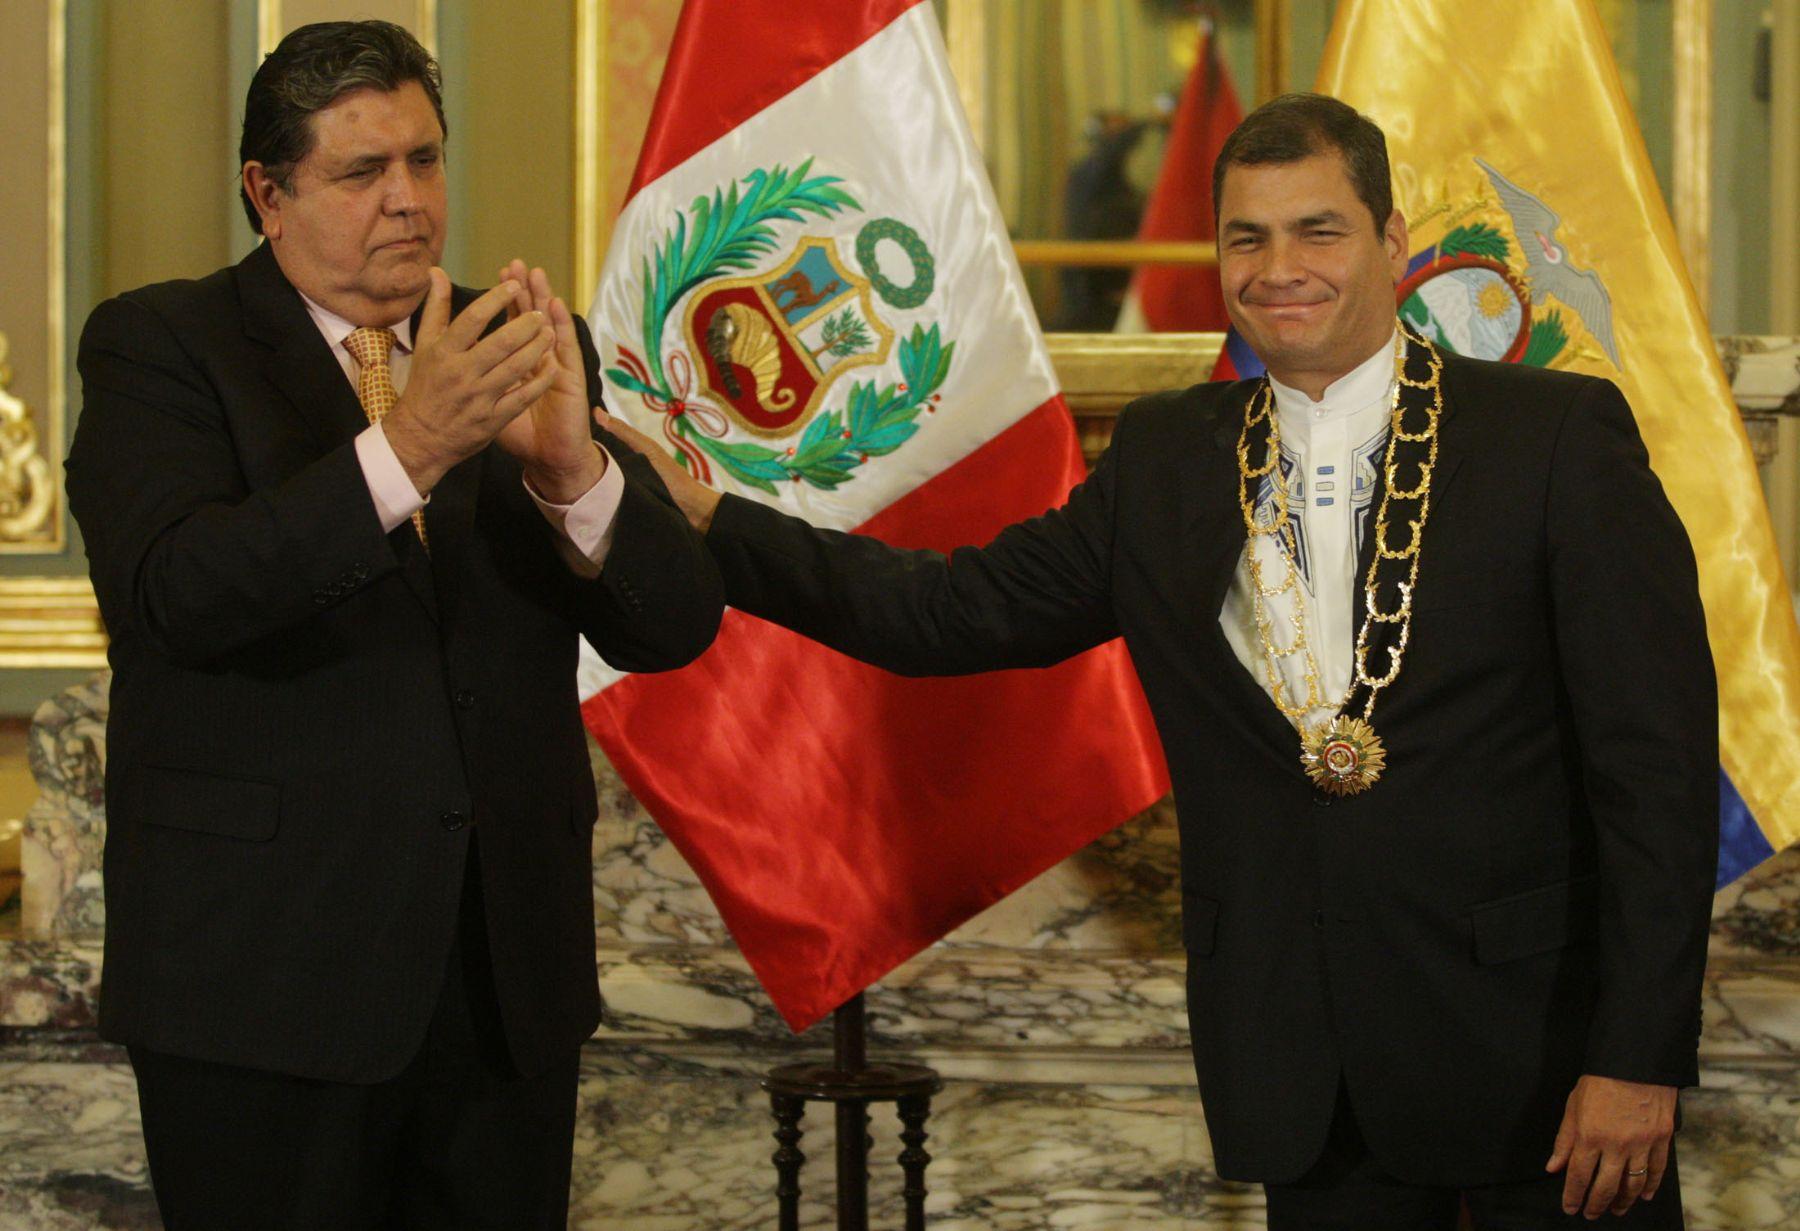 Presidente Alan García condecora a su homólogo ecuatoriano, Rafael Correa, con el Gran Collar de la Orden del Sol del Perú en el Salón Dorado de Palacio de Gobierno. Foto: ANDINA/ Jack Ramón